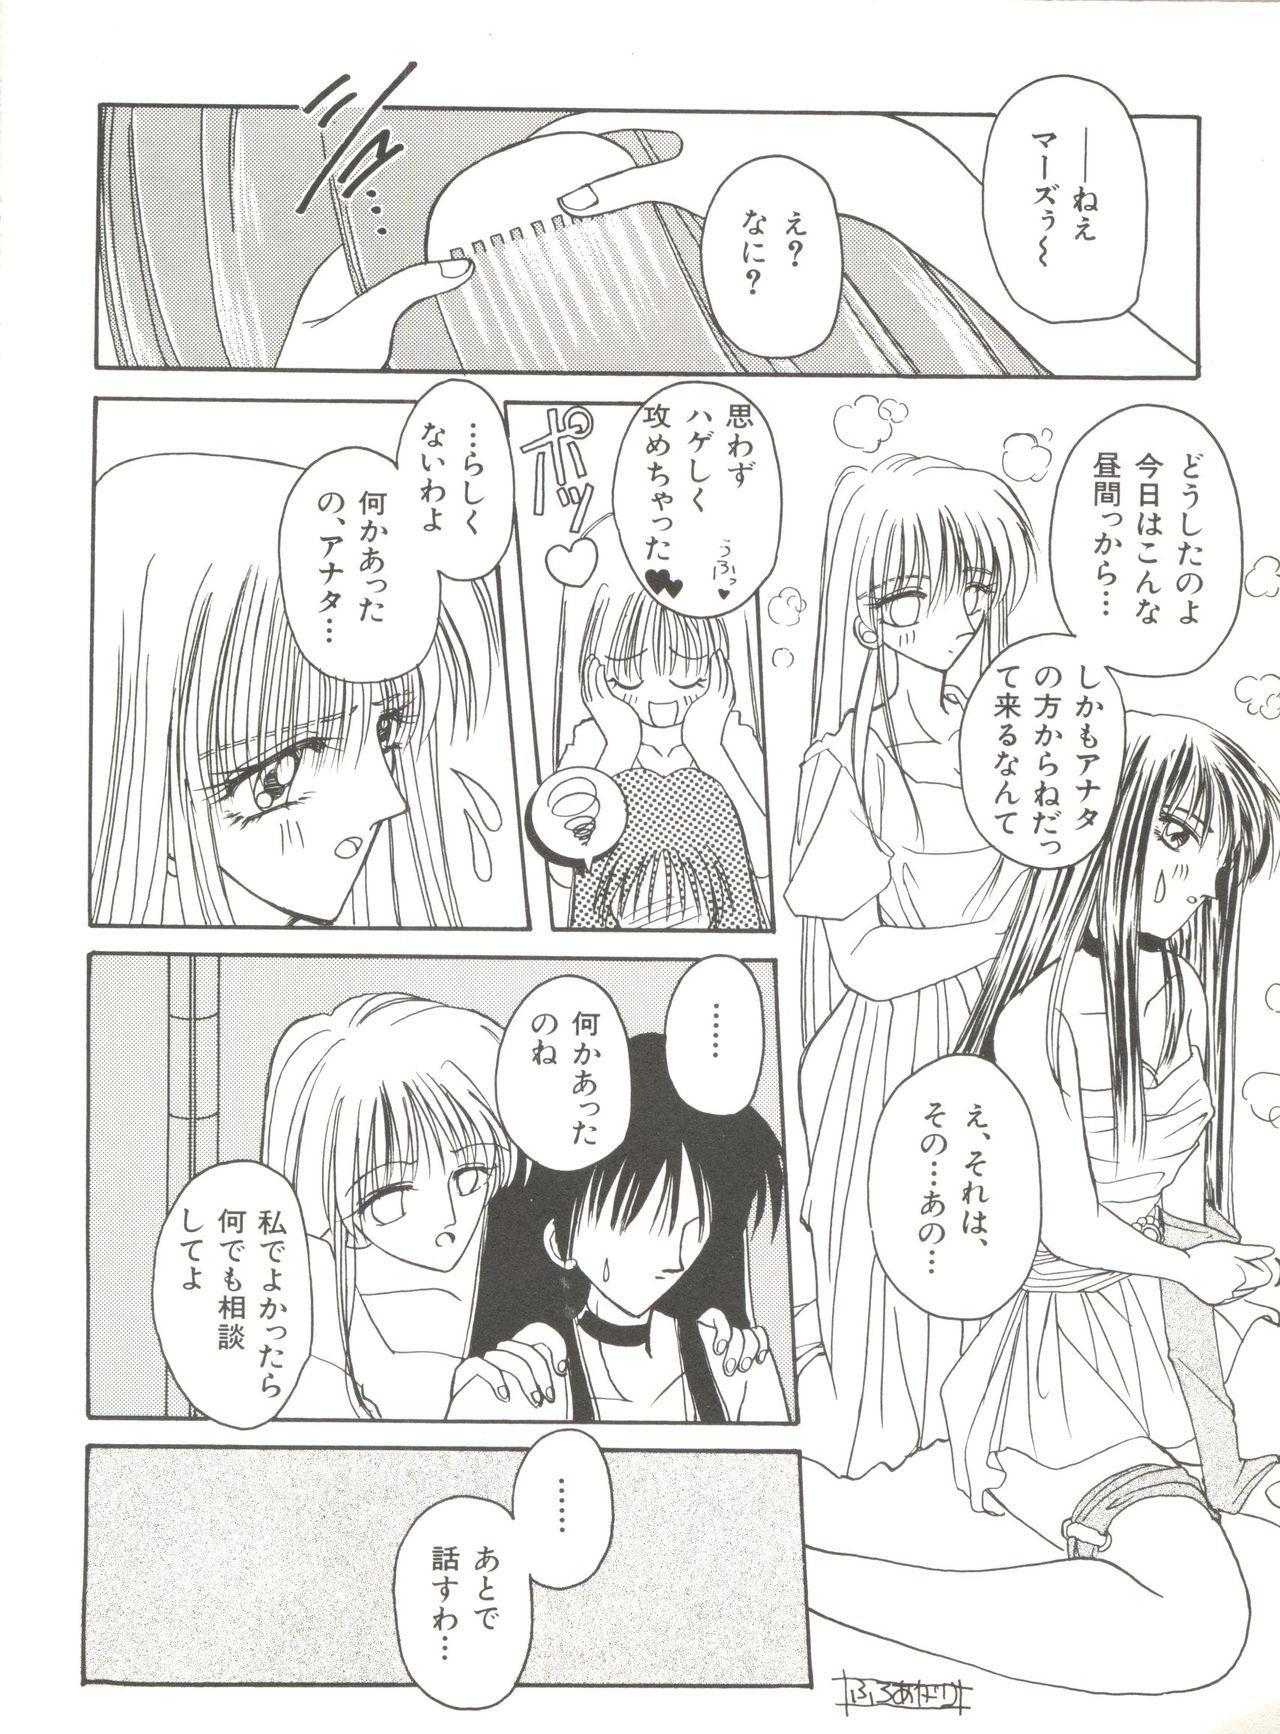 Bishoujo Doujinshi Anthology 12 - Moon Paradise 7 Tsuki no Rakuen 60